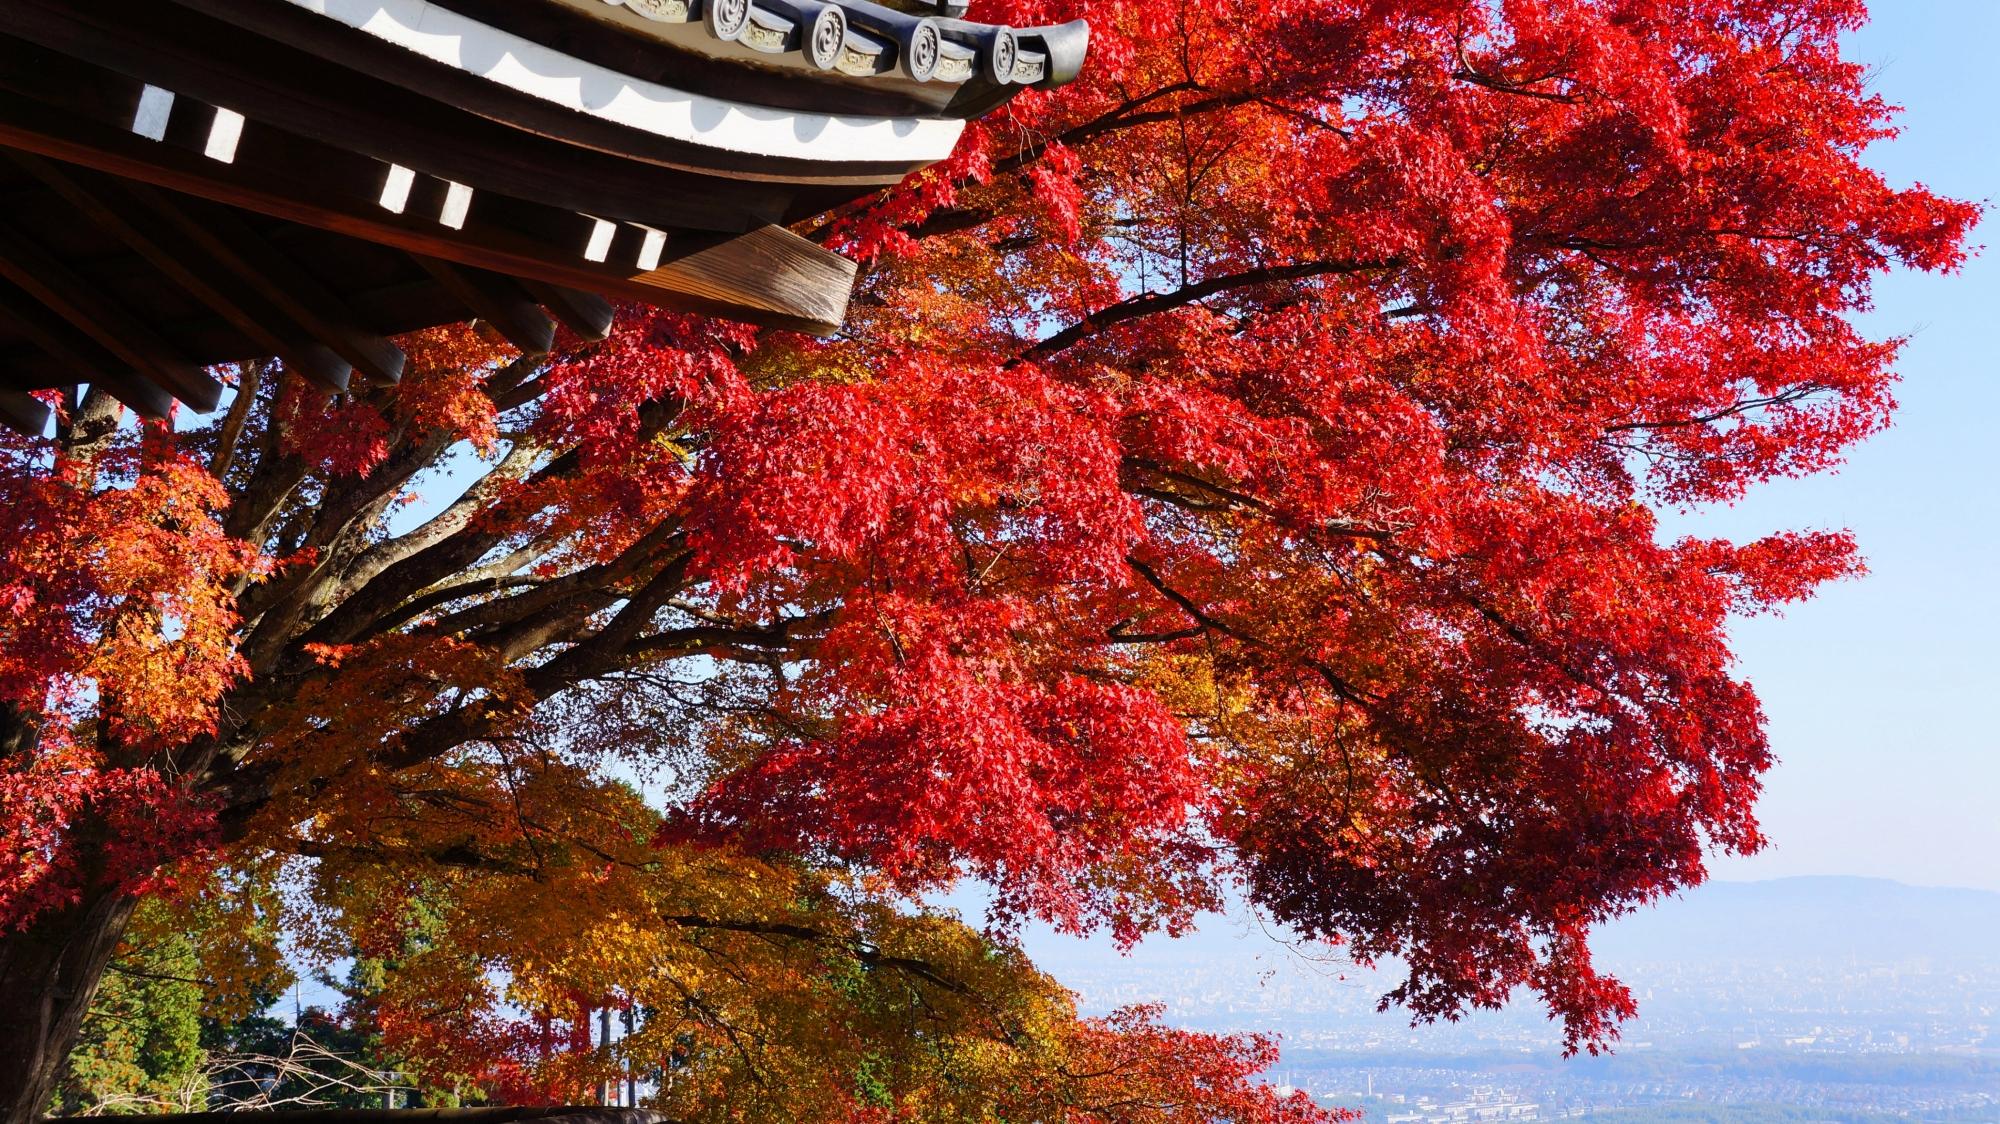 善峯寺の京都市内の景色と鮮やかな赤い紅葉